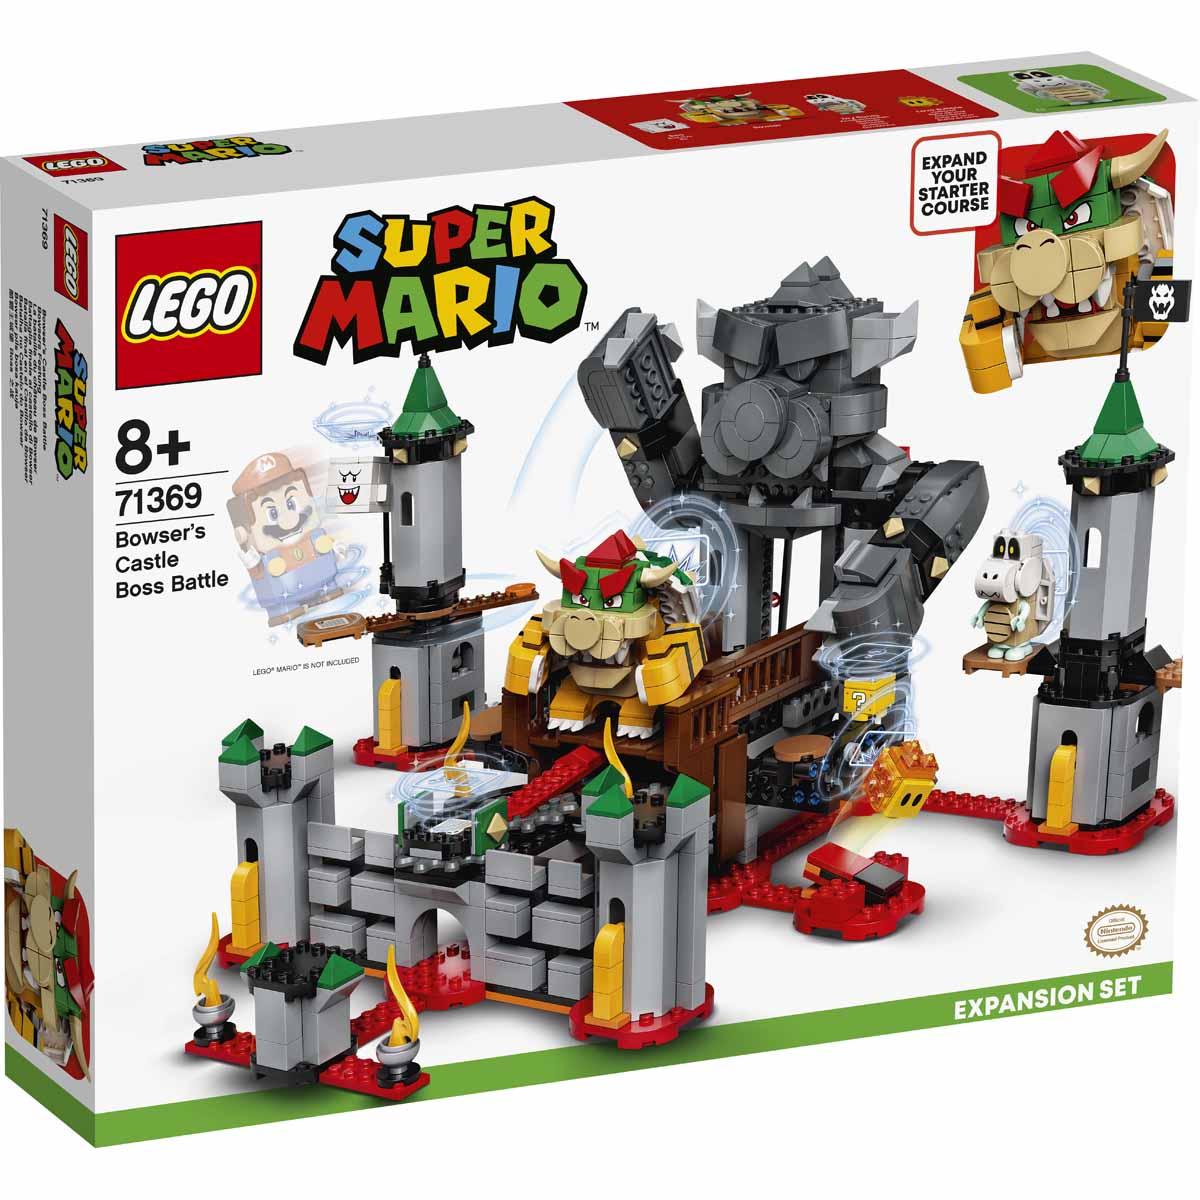 lego-super-mario-71369-striden-mot-slottsbossen-bowser-expansionsset (1)